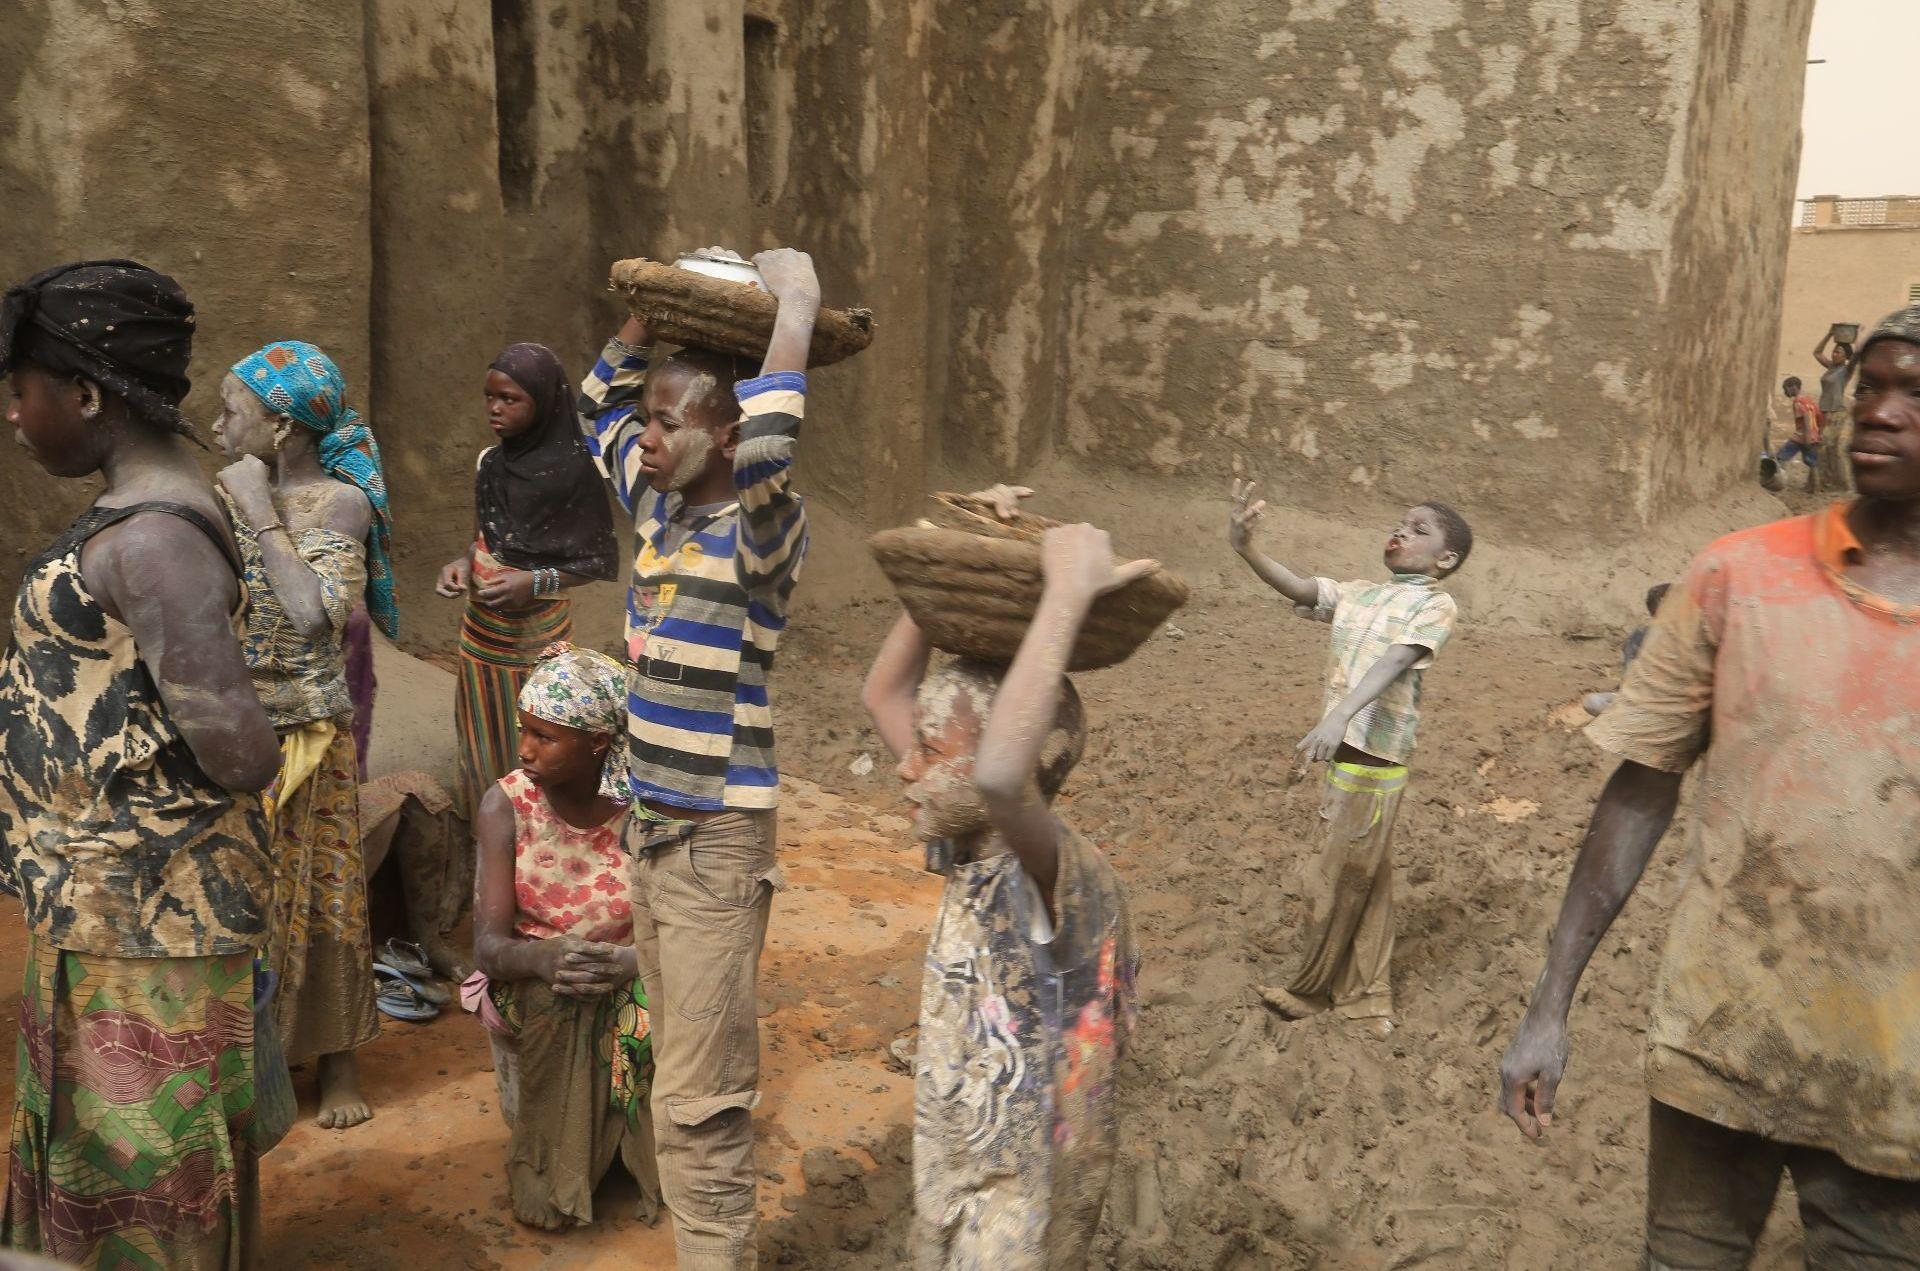 Des enfants de Djenné, au Mali, participent au crépissage de la mosquée, le 28 avril 2019.